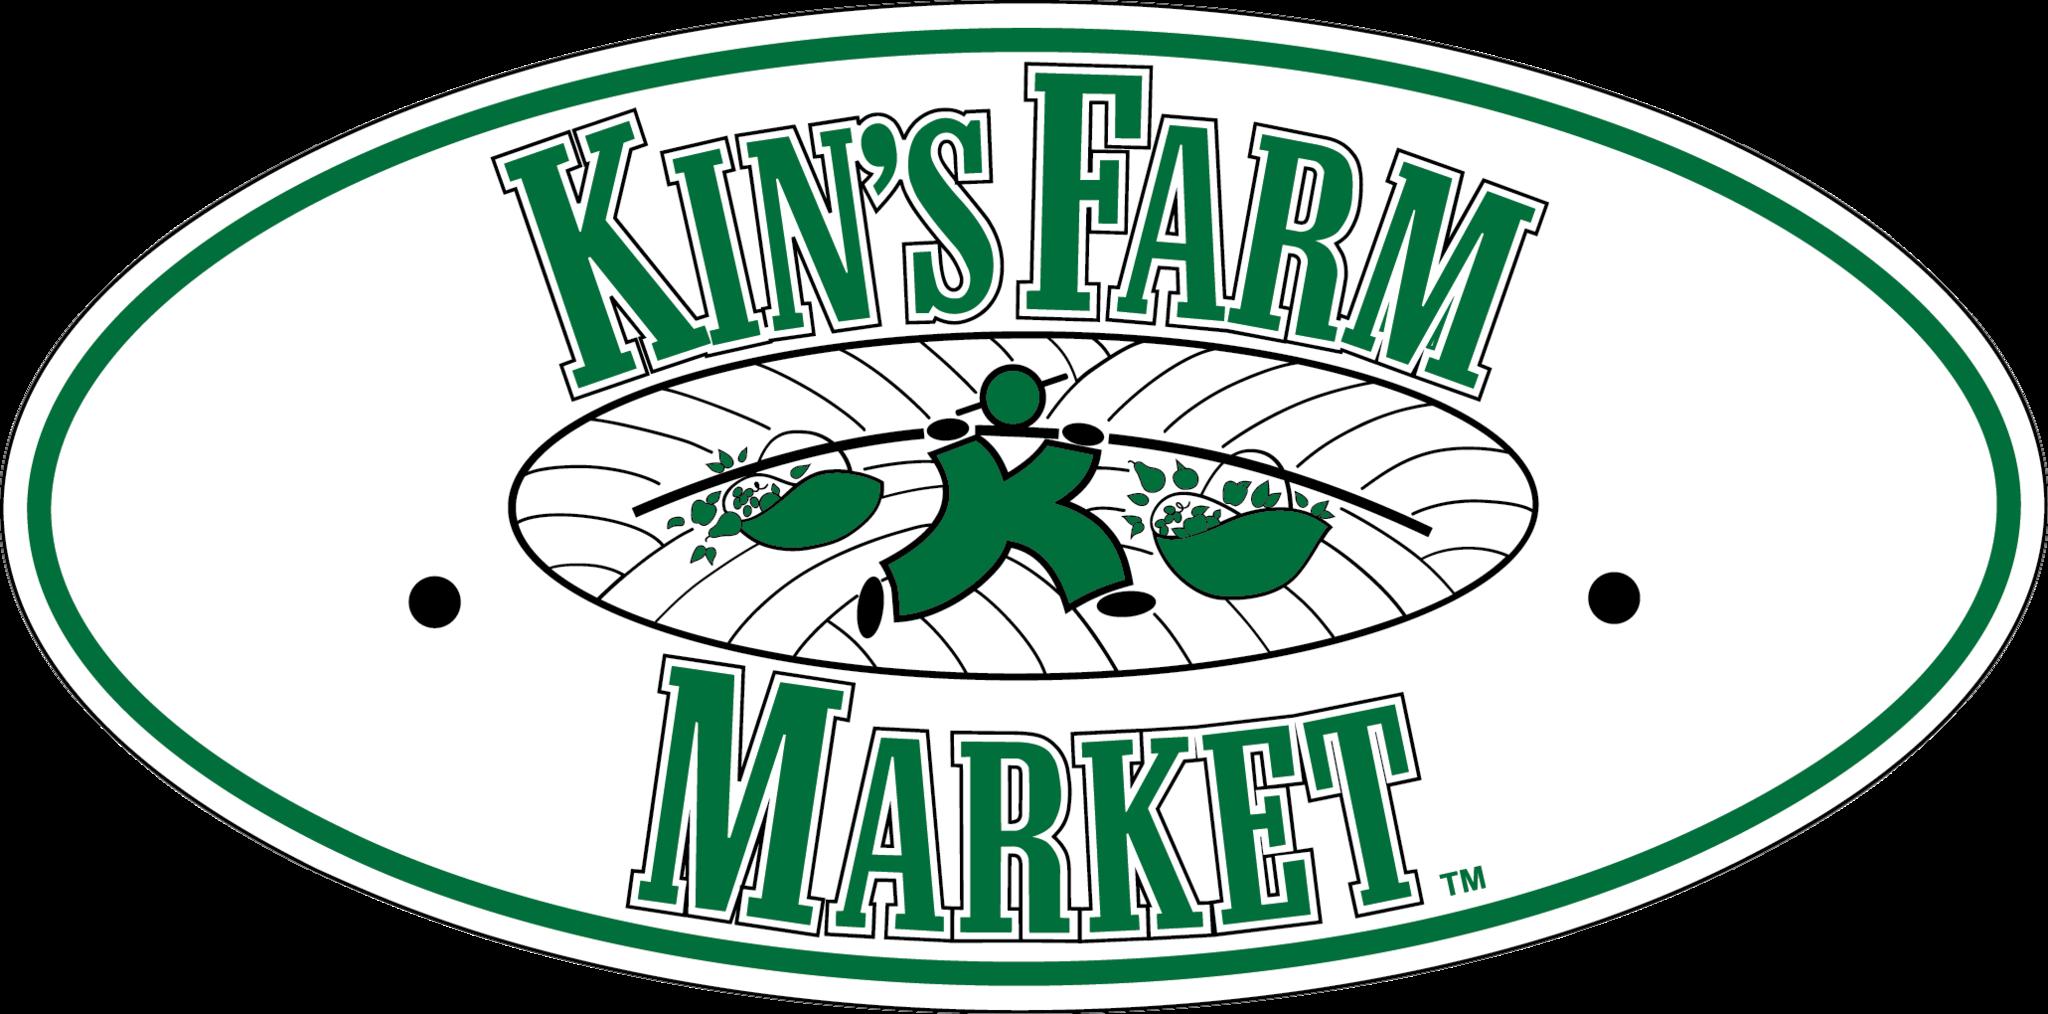 Farming clipart farmers market. Kin s farm park